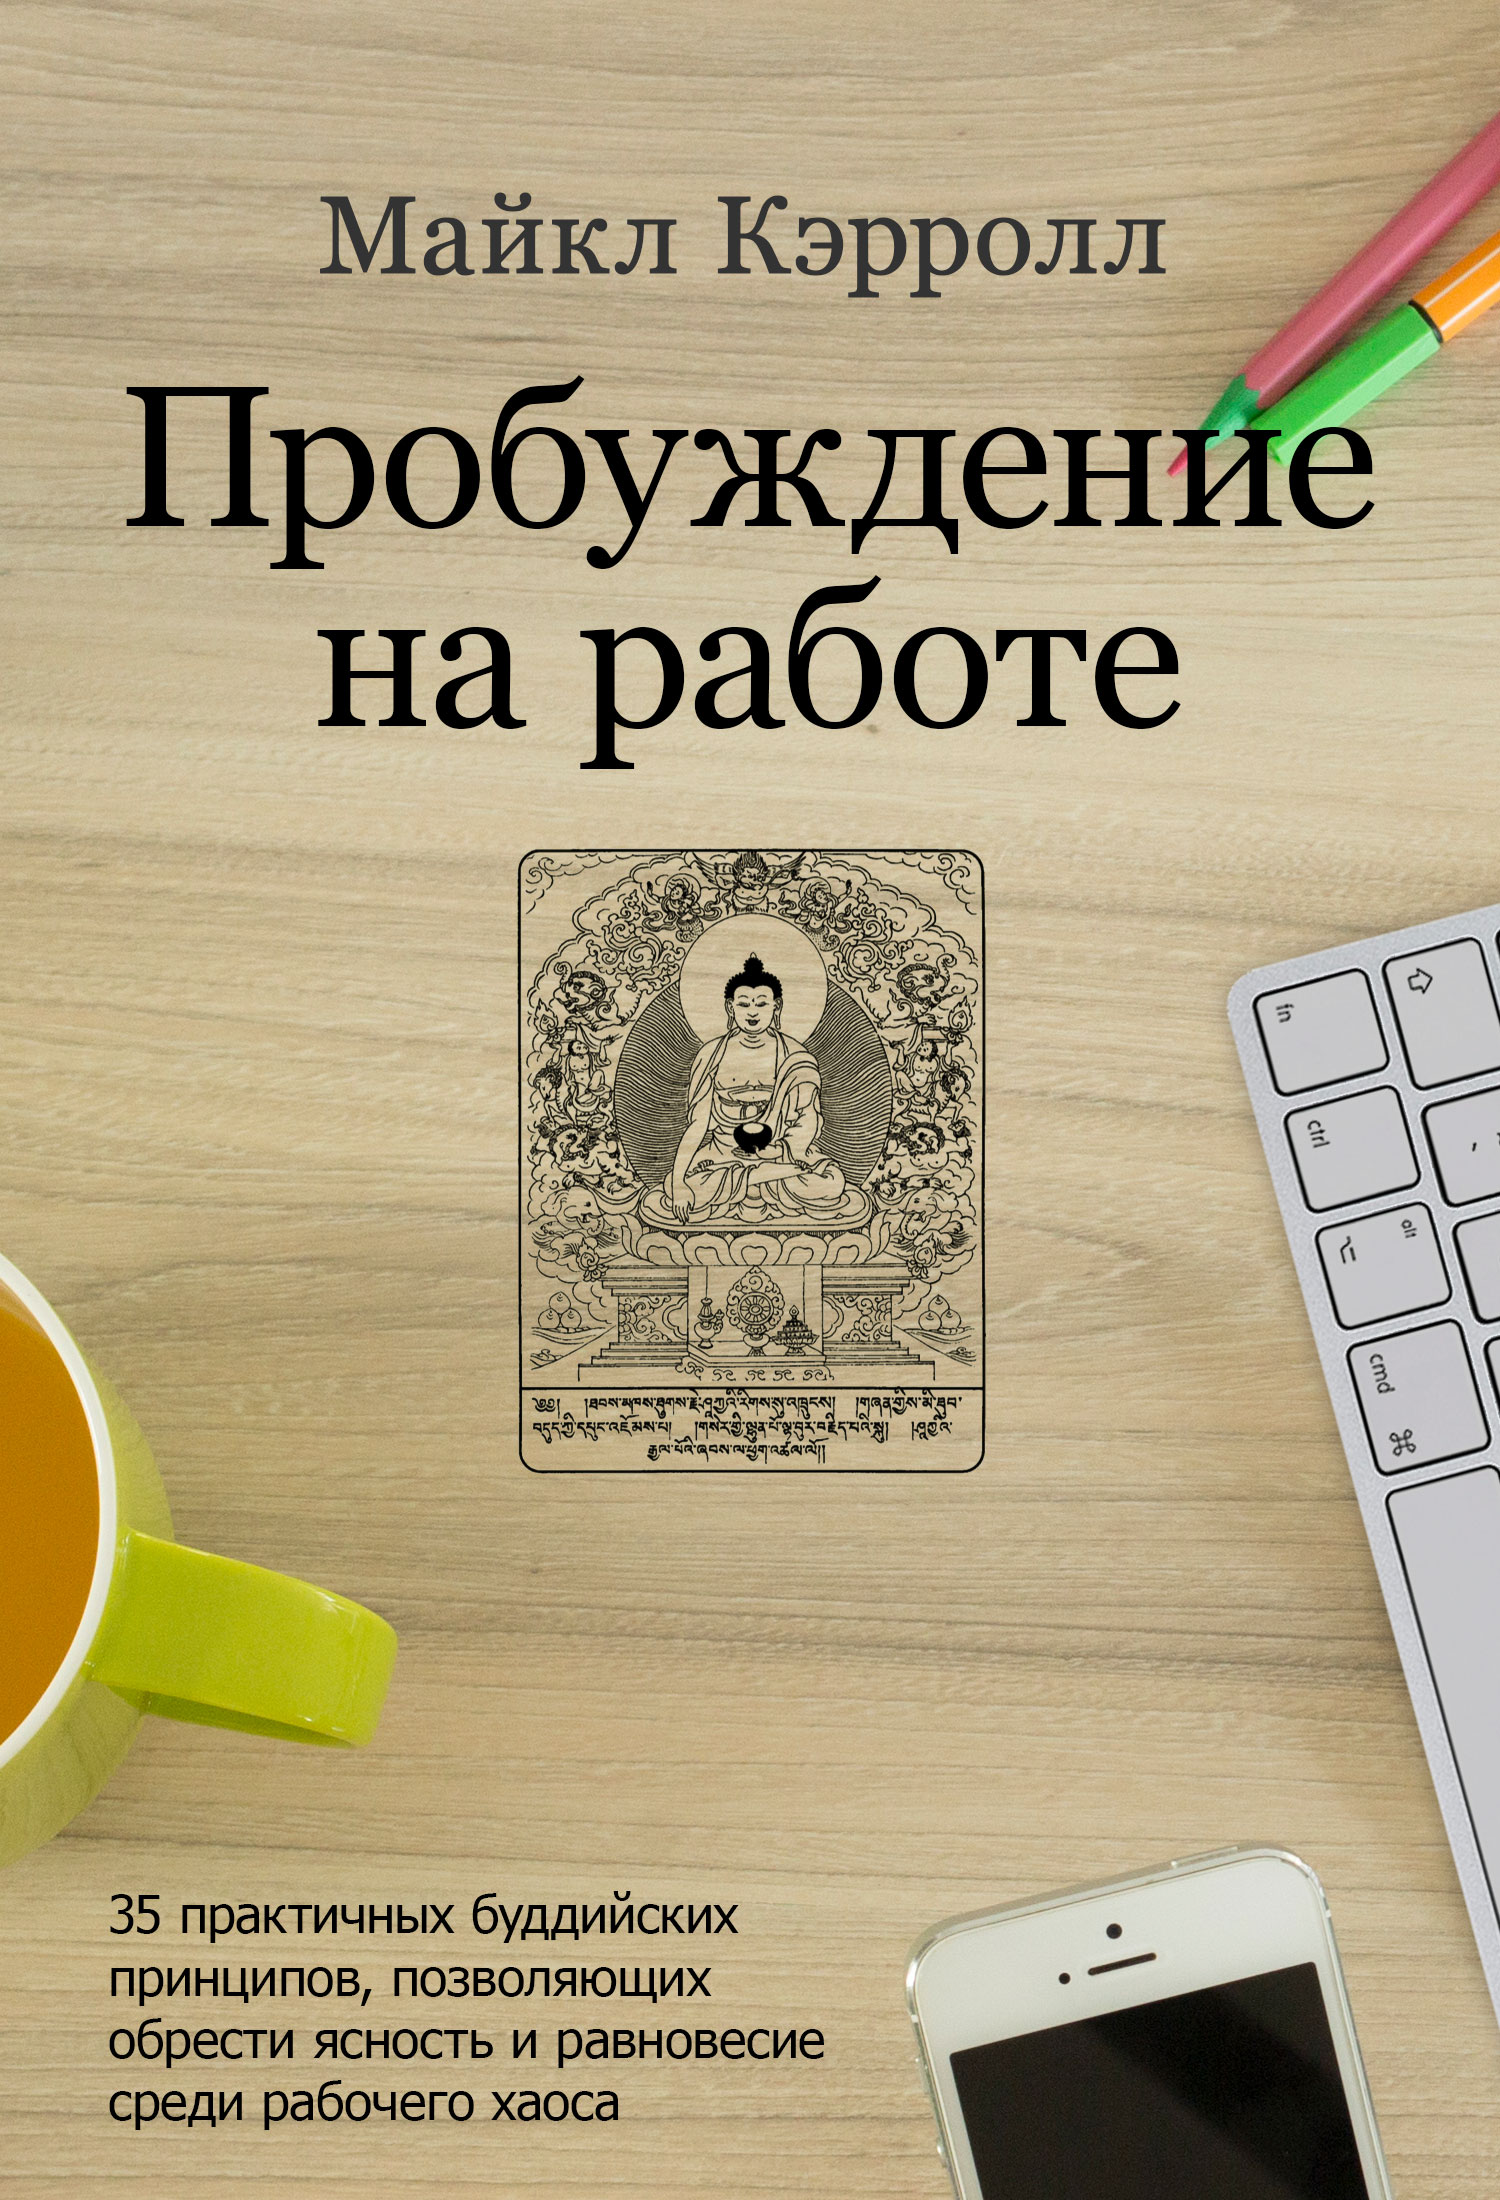 Майкл Кэрролл, Александра Никулина «Пробуждение на работе. 35 практичных буддийских принципов, позволяющих обрести ясность и равновесие среди рабочего хаоса»